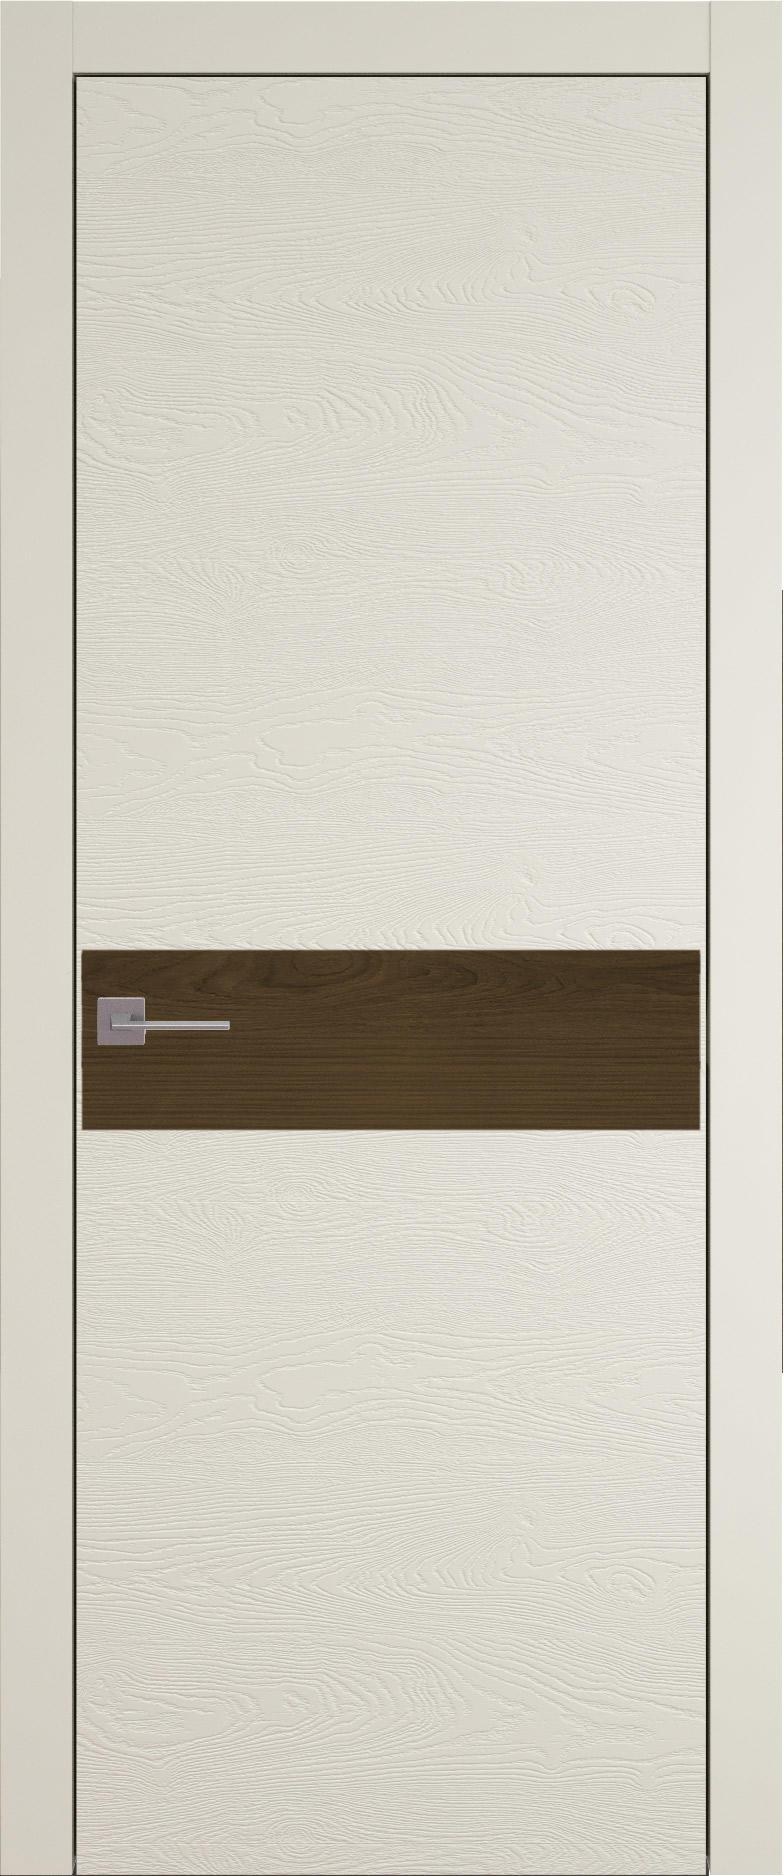 Tivoli И-4 цвет - Жемчужная эмаль по шпону (RAL 1013) Без стекла (ДГ)